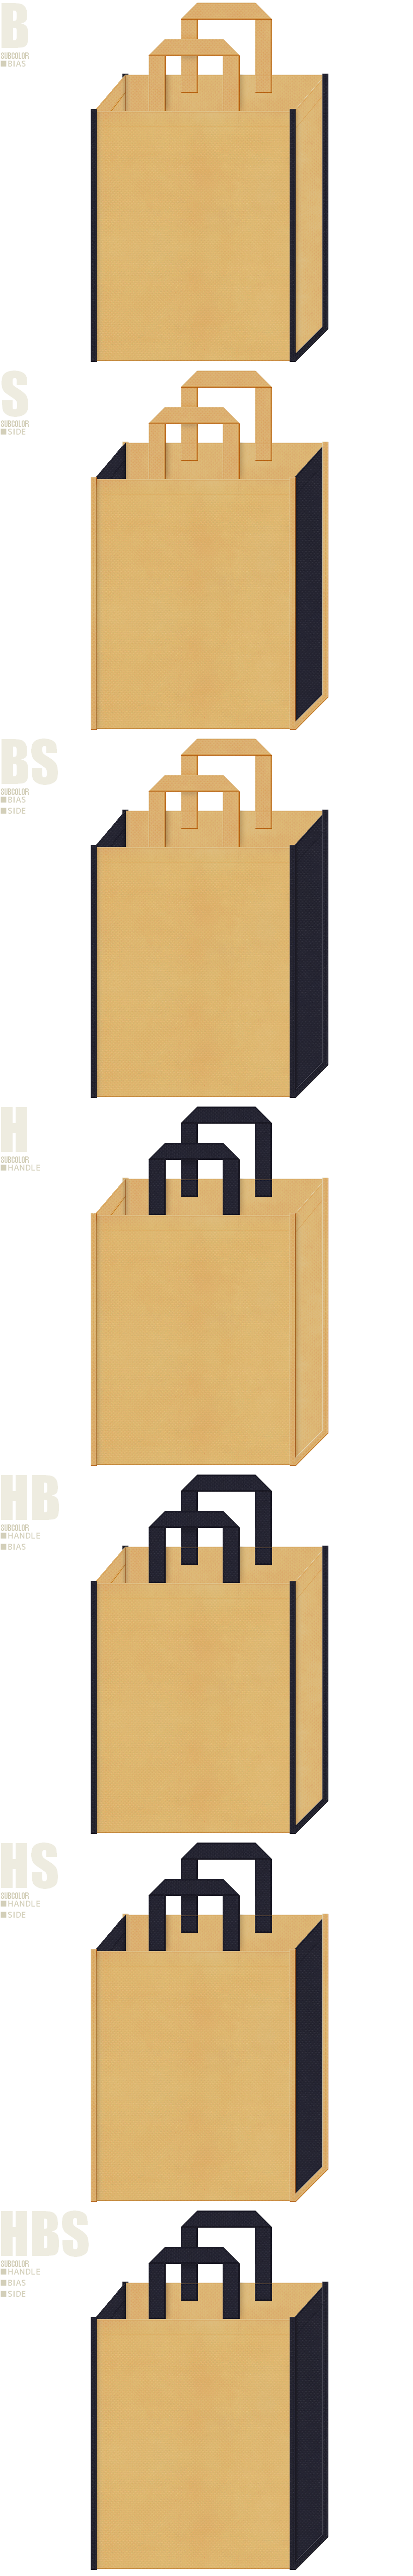 学校・オープンキャンパス・学習塾・文庫本・書店・レッスンバッグ・インディゴデニム・ジーパン・カジュアル・アウトレットのショッピングバッグにお奨めの不織布バッグデザイン:薄黄土色と濃紺色の配色7パターン